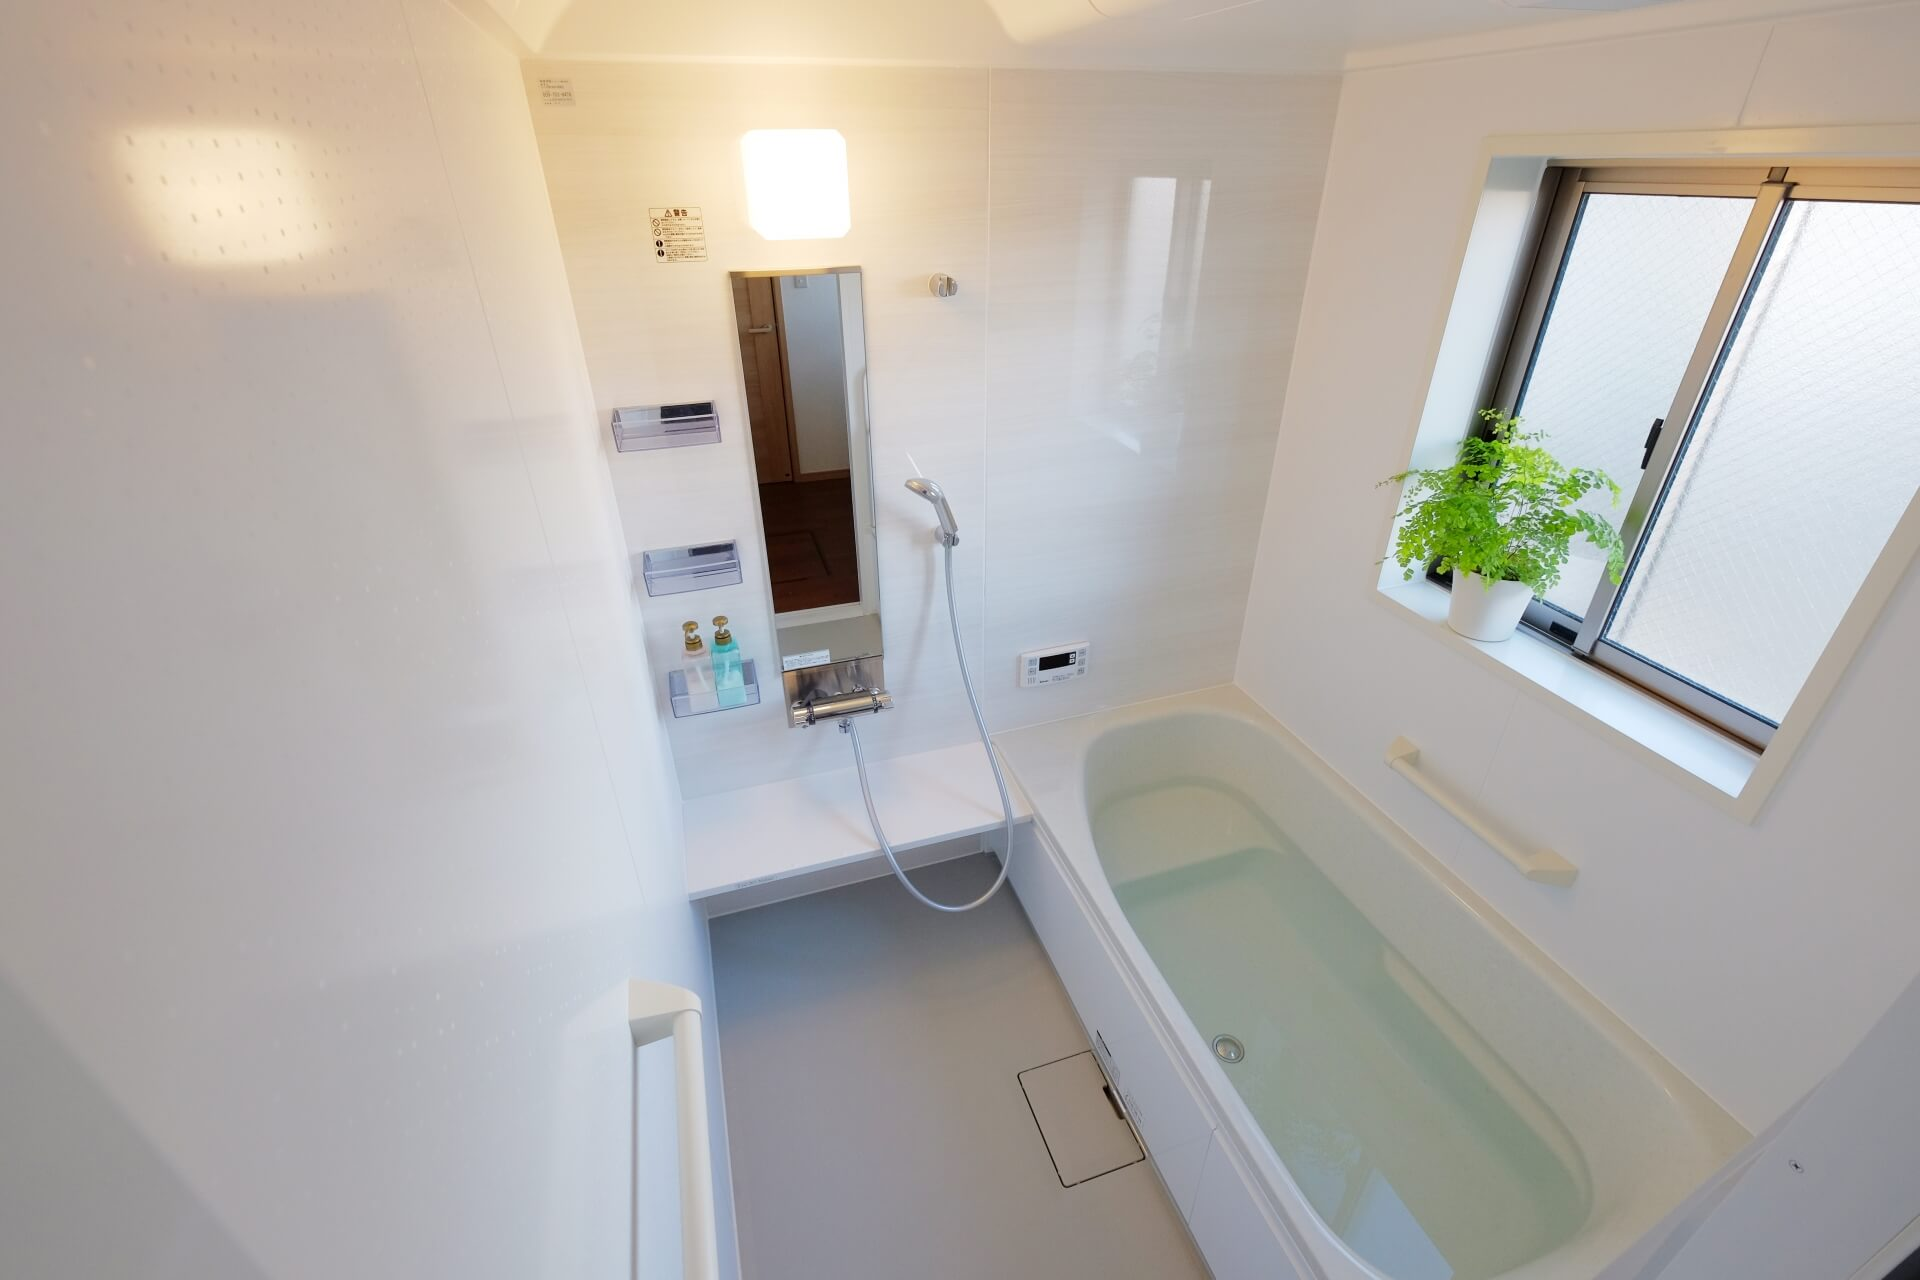 お風呂や浴室の水漏れの原因と対処法のメイン画像